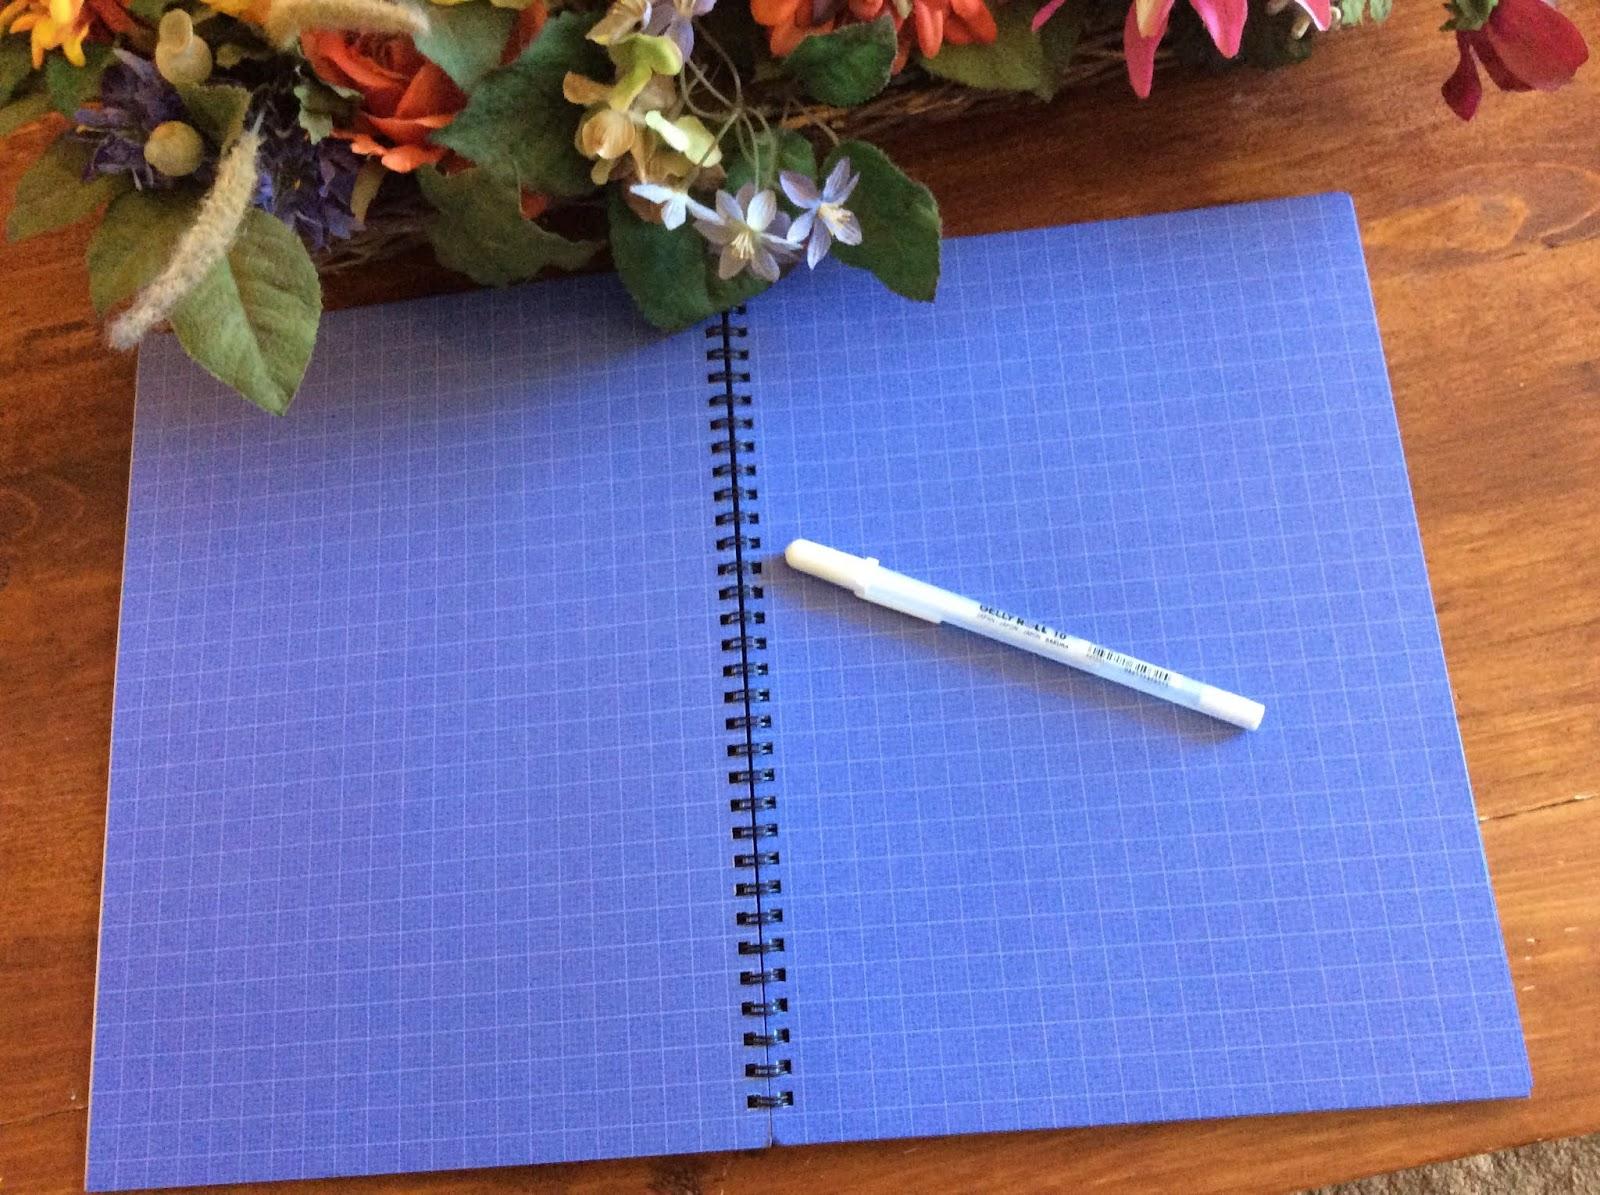 Heck Of A Bunch Blu Notebooks Blueprint Paper Notebook